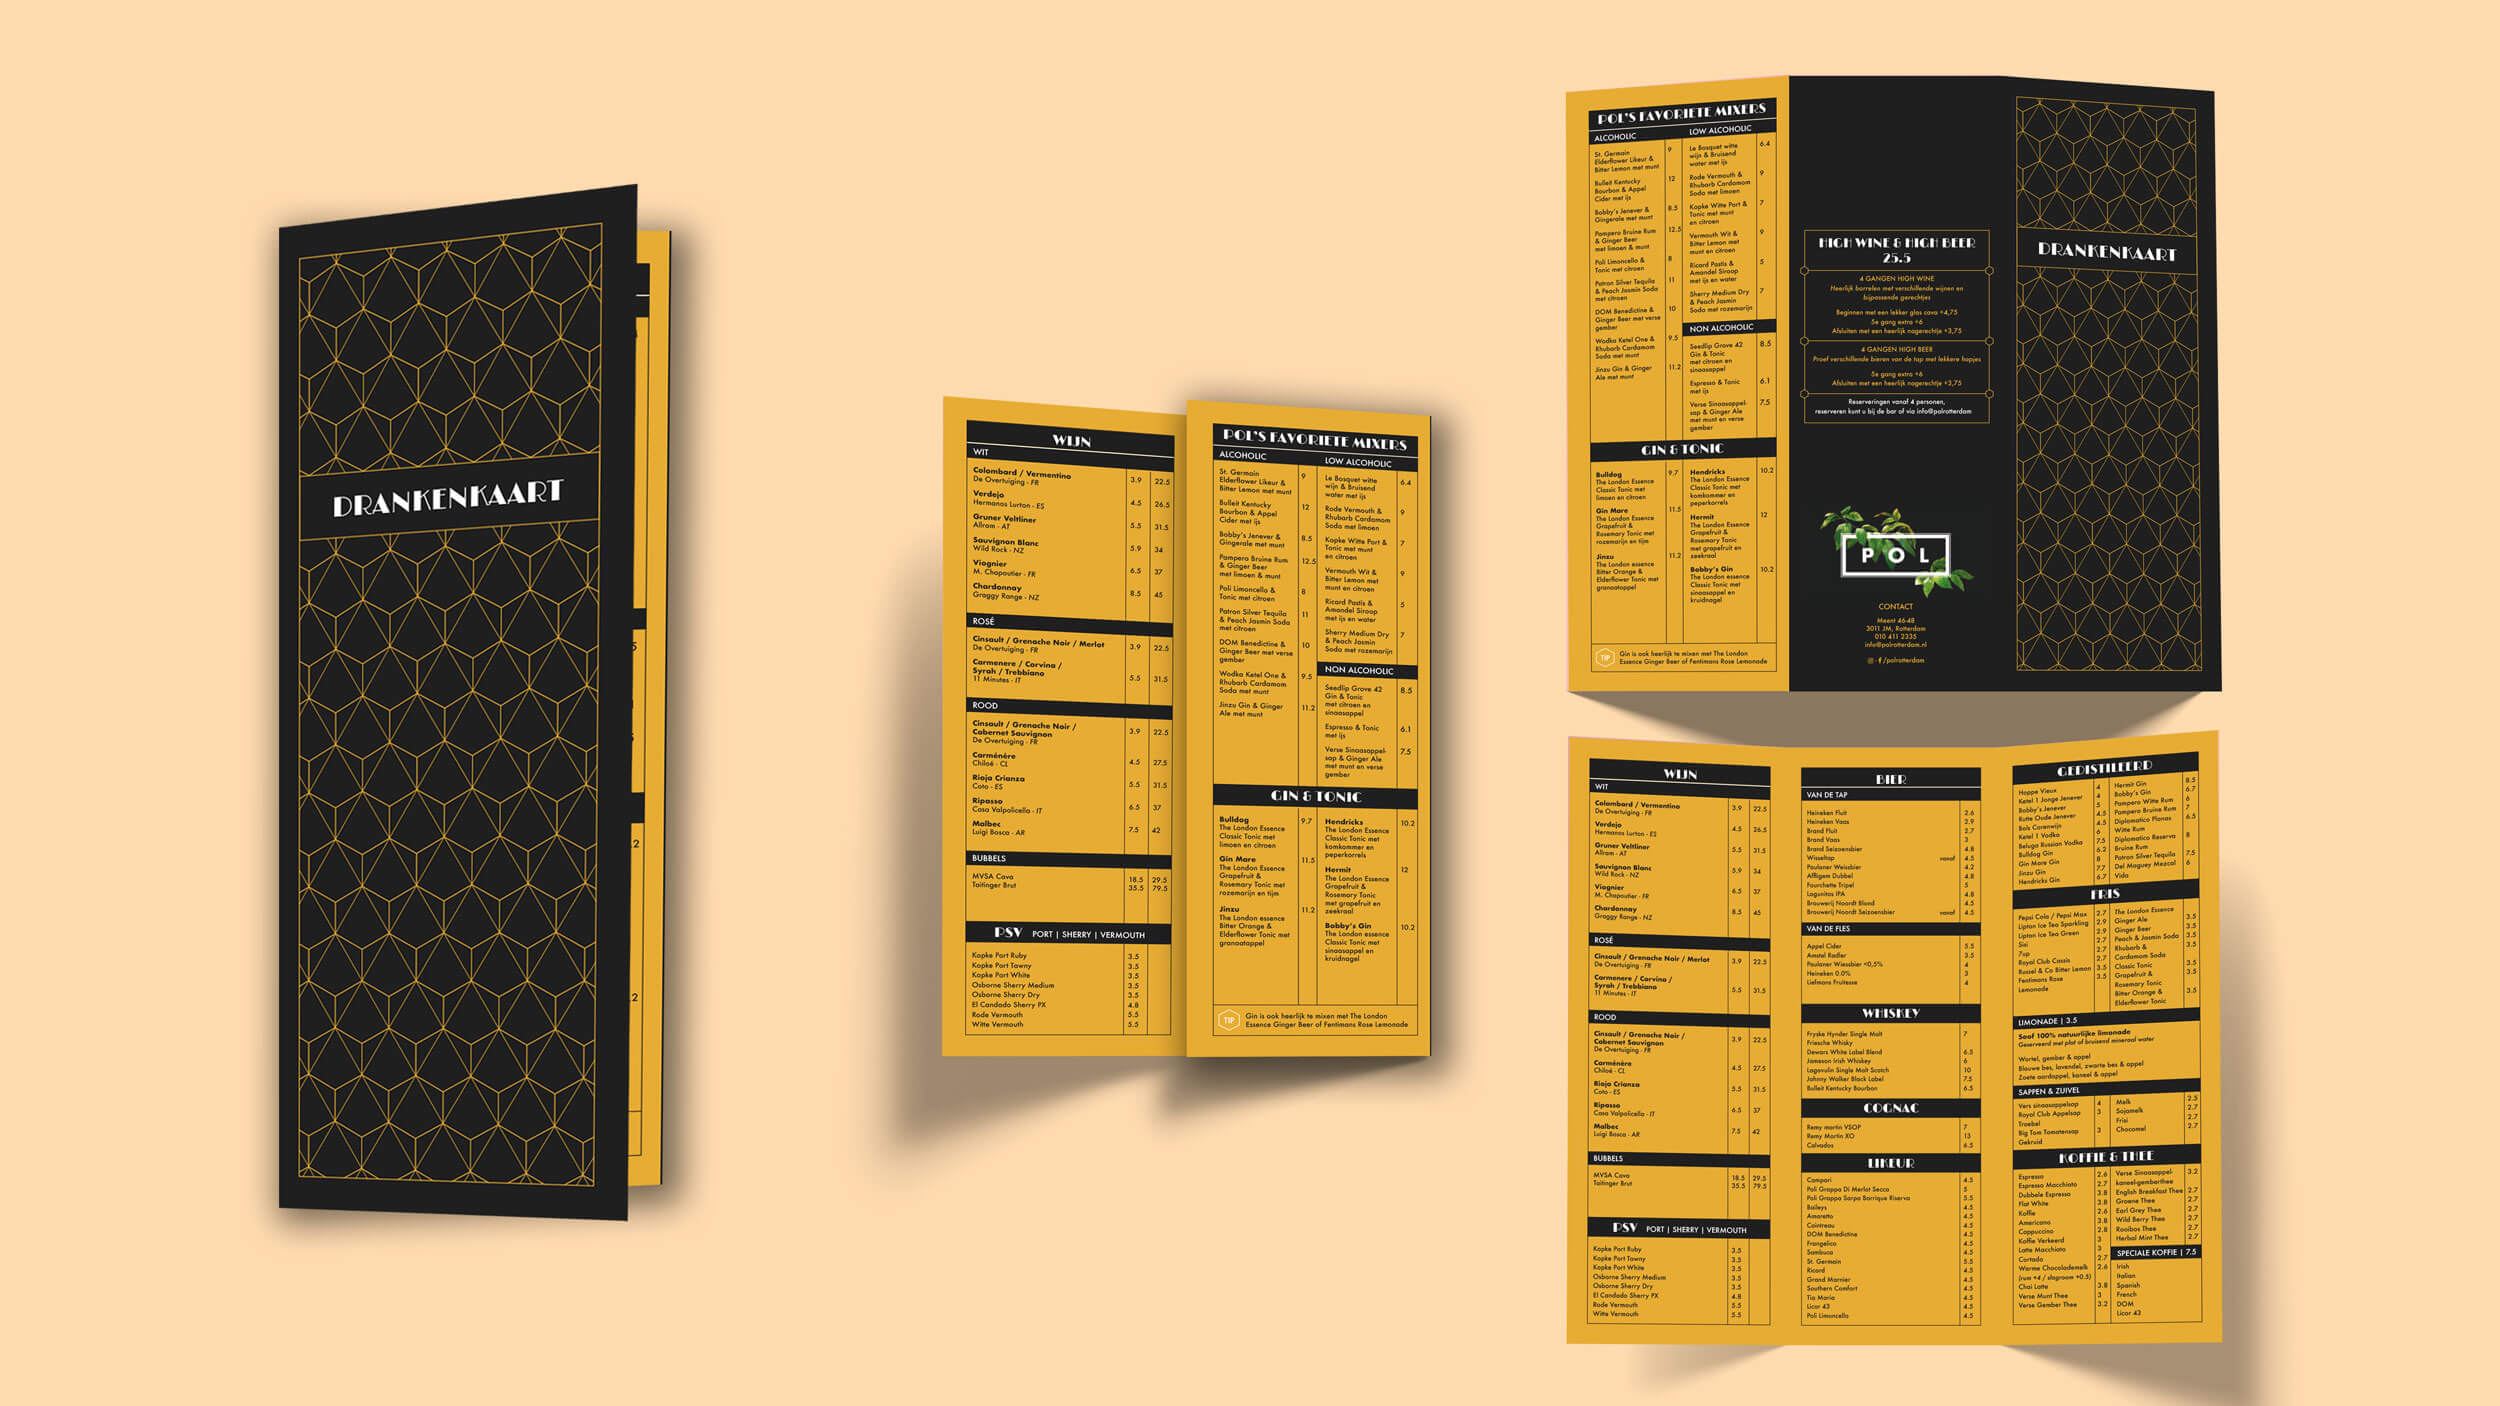 POL, Drankenkaart ontwerp, Mixus studio